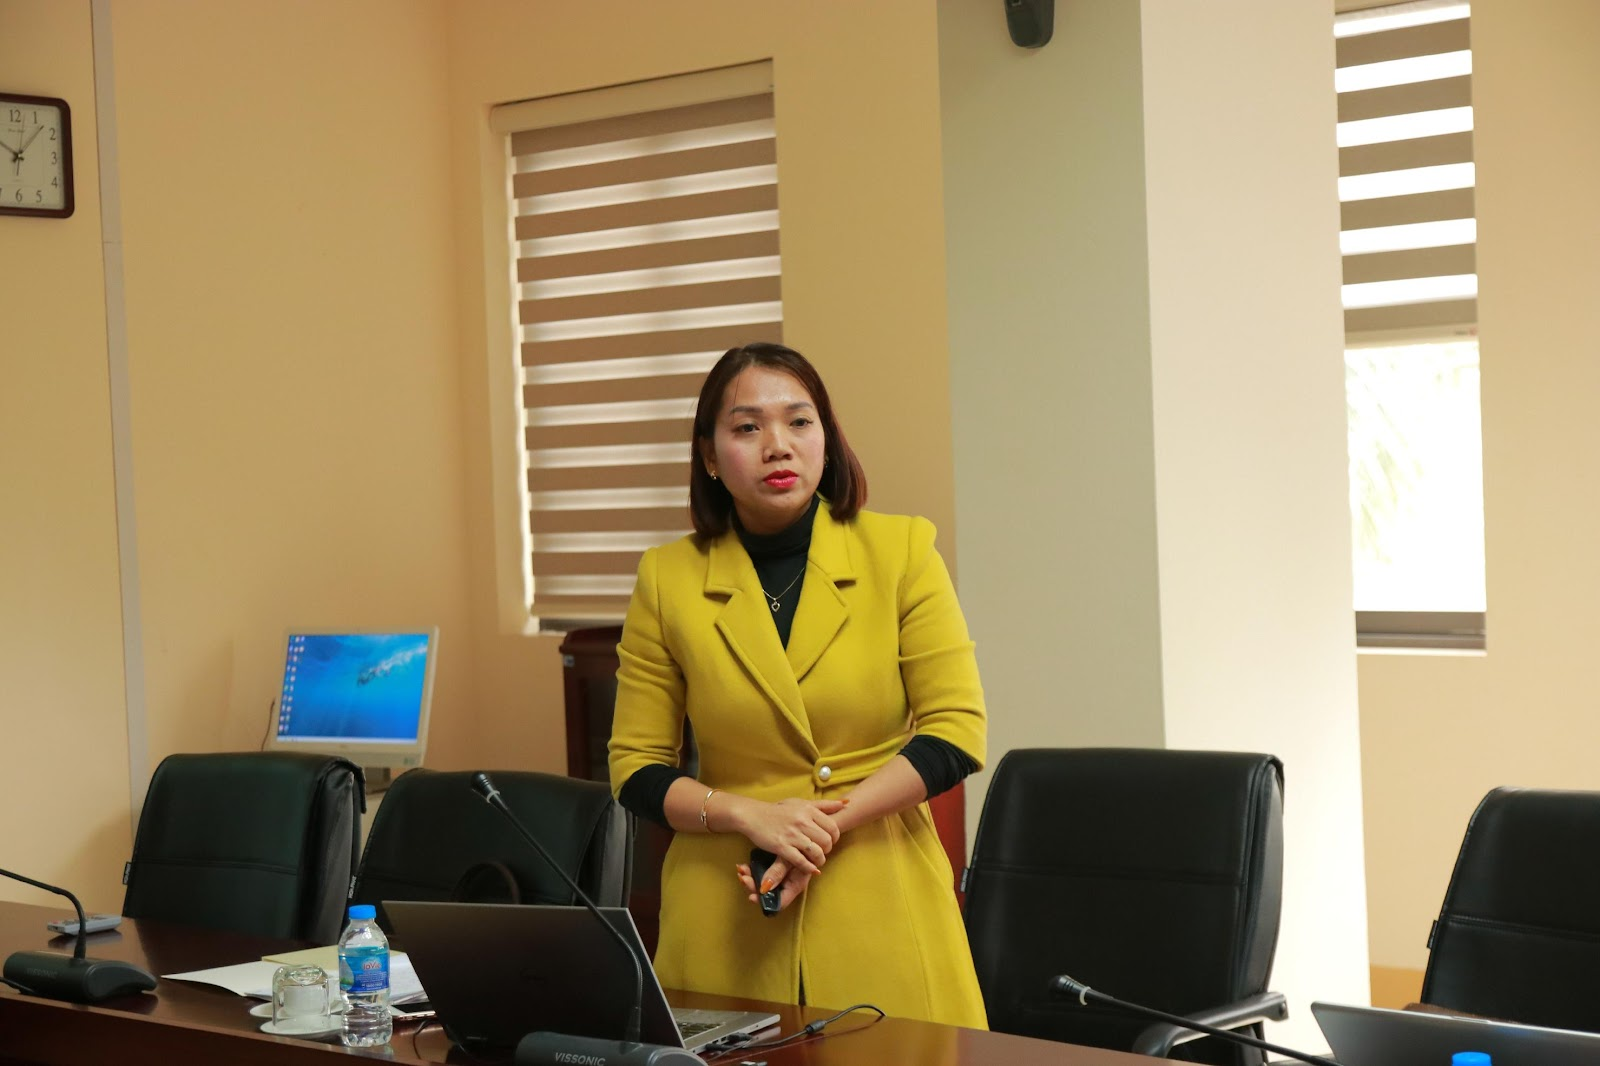 TS. Nguyễn Thị Hằng trình bày về Định hướng phát triển CTĐT Quản trị - Kinh doanh – Kinh tế số